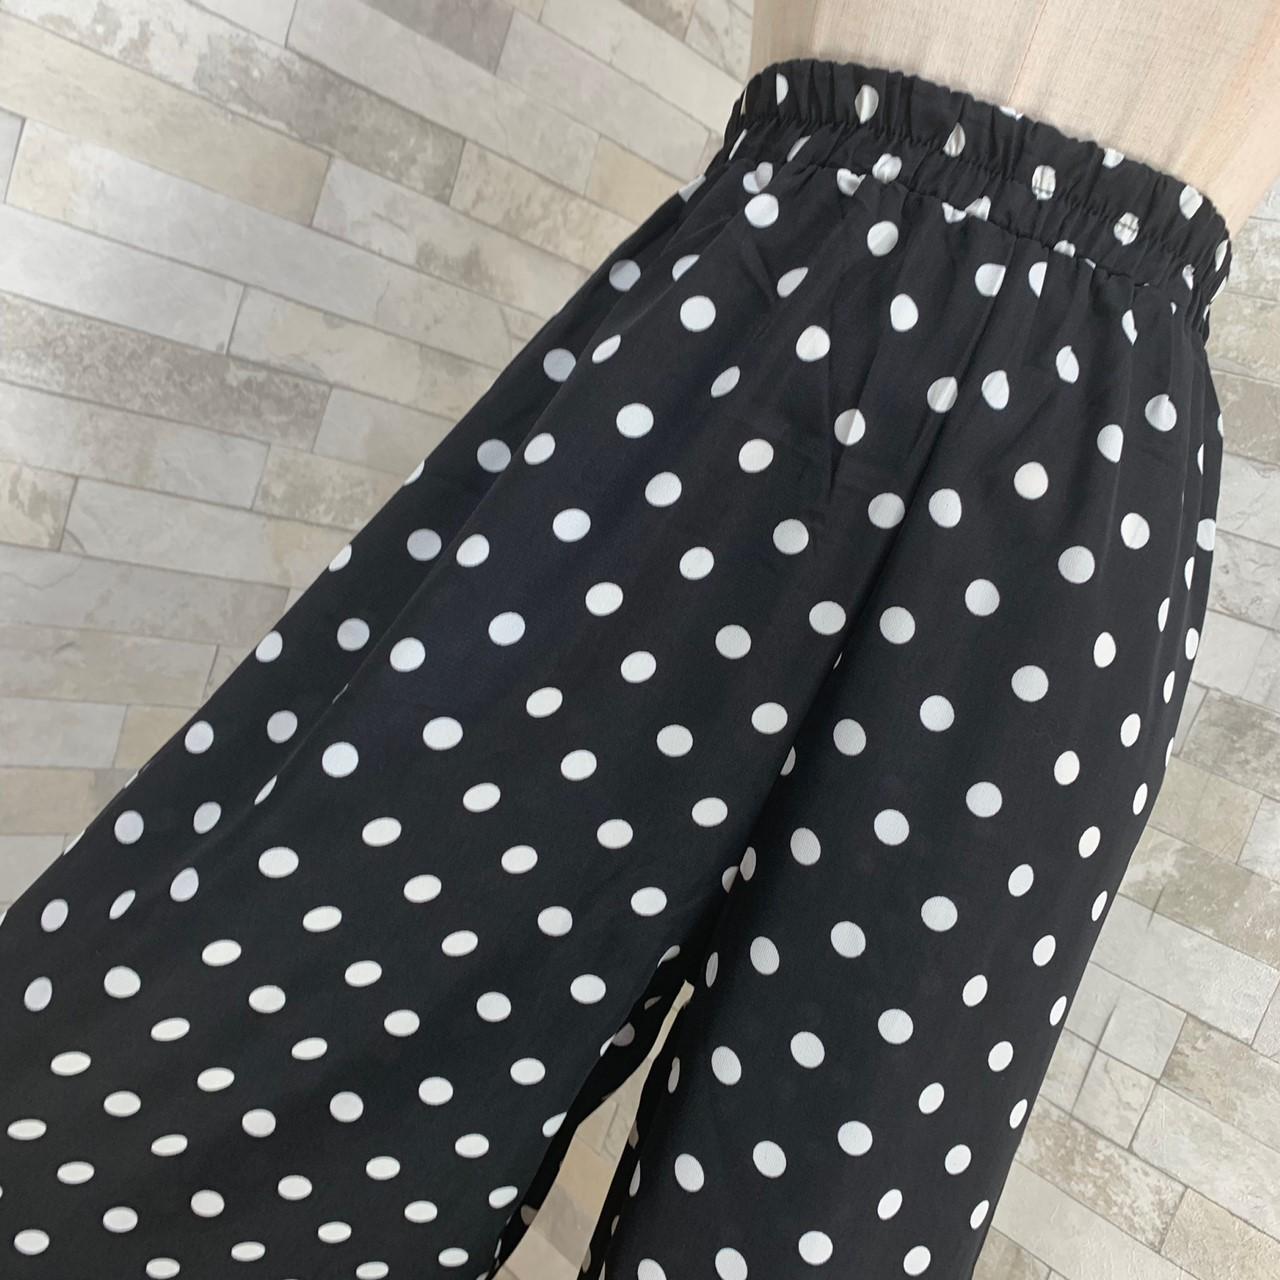 【即納】韓国 ファッション セットアップ 春 夏 カジュアル SPTXF278  クロスデザイン ショート Tシャツ シフォン ワイドストレートパンツ リゾート オルチャン シンプル 定番 セレカジの写真19枚目